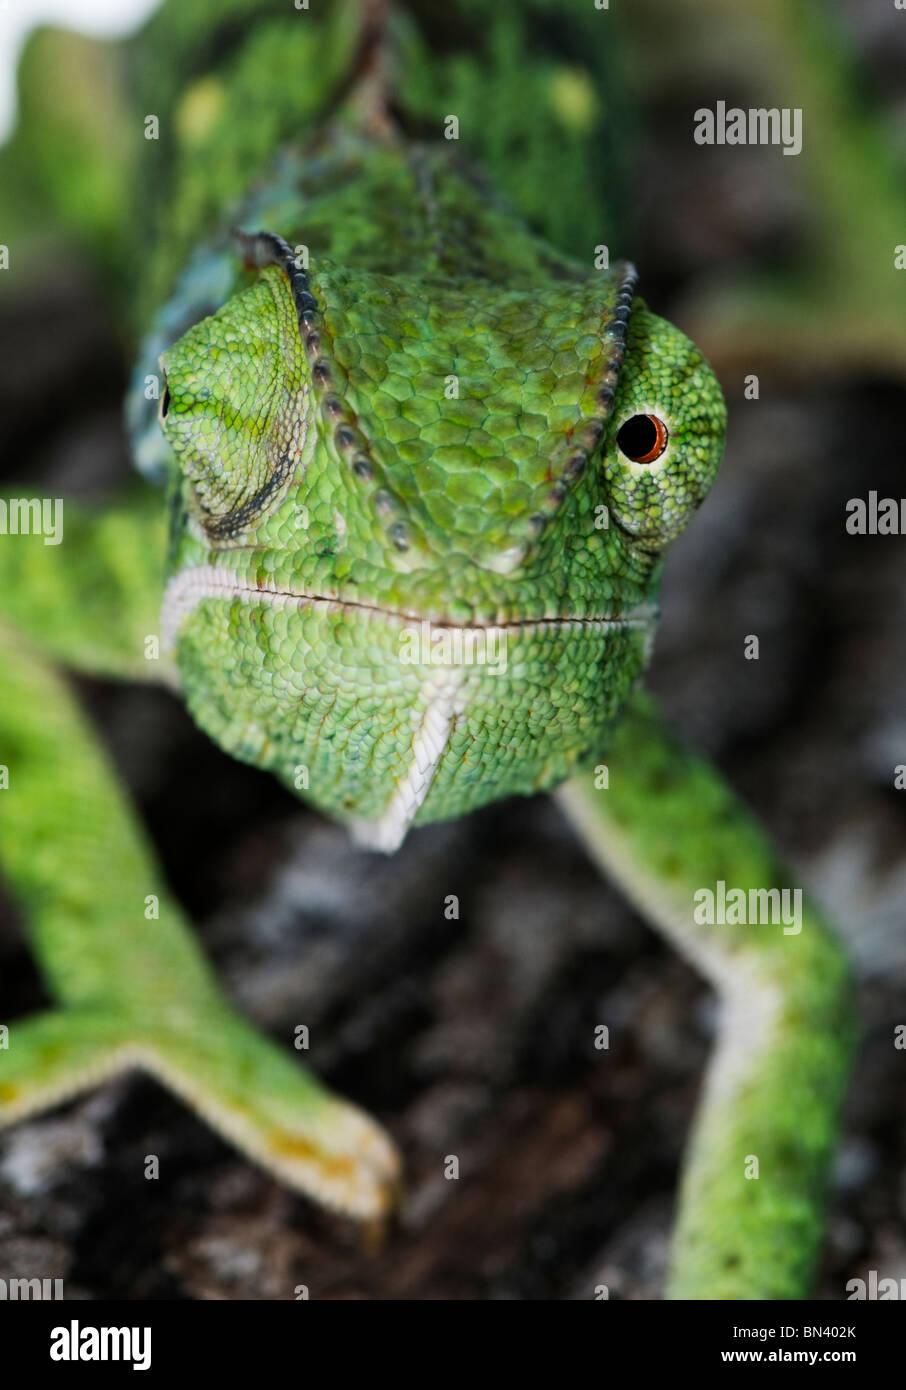 Nahaufnahme der Klappe-necked Chamäleon Chameleo delepis Stockbild